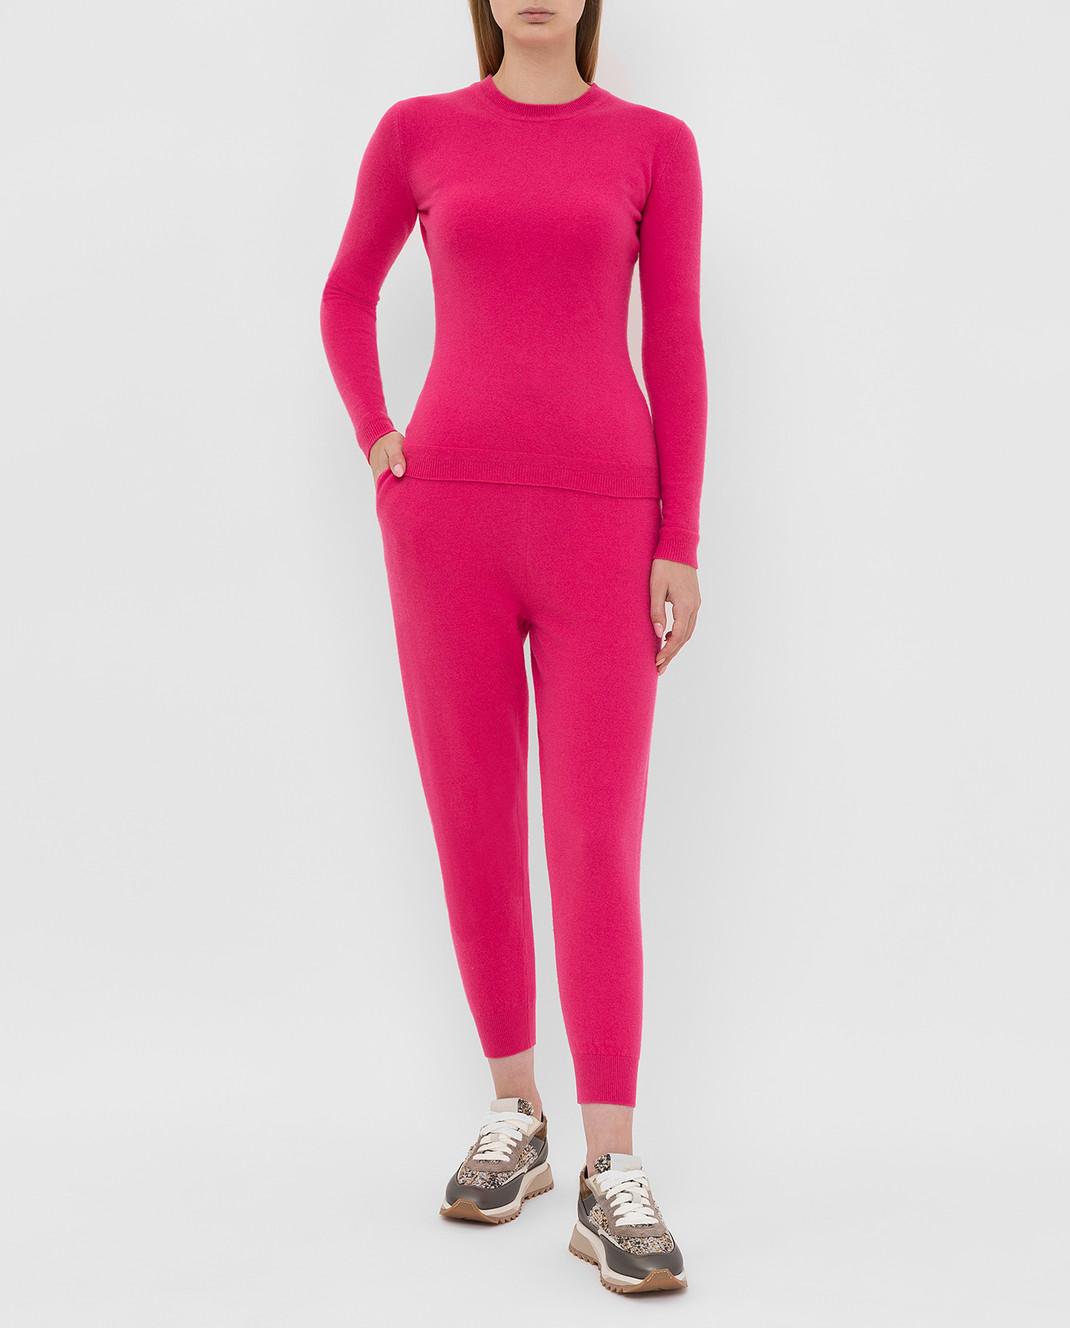 Tak.Ori Малиновые спортивные брюки PTK50005 изображение 2